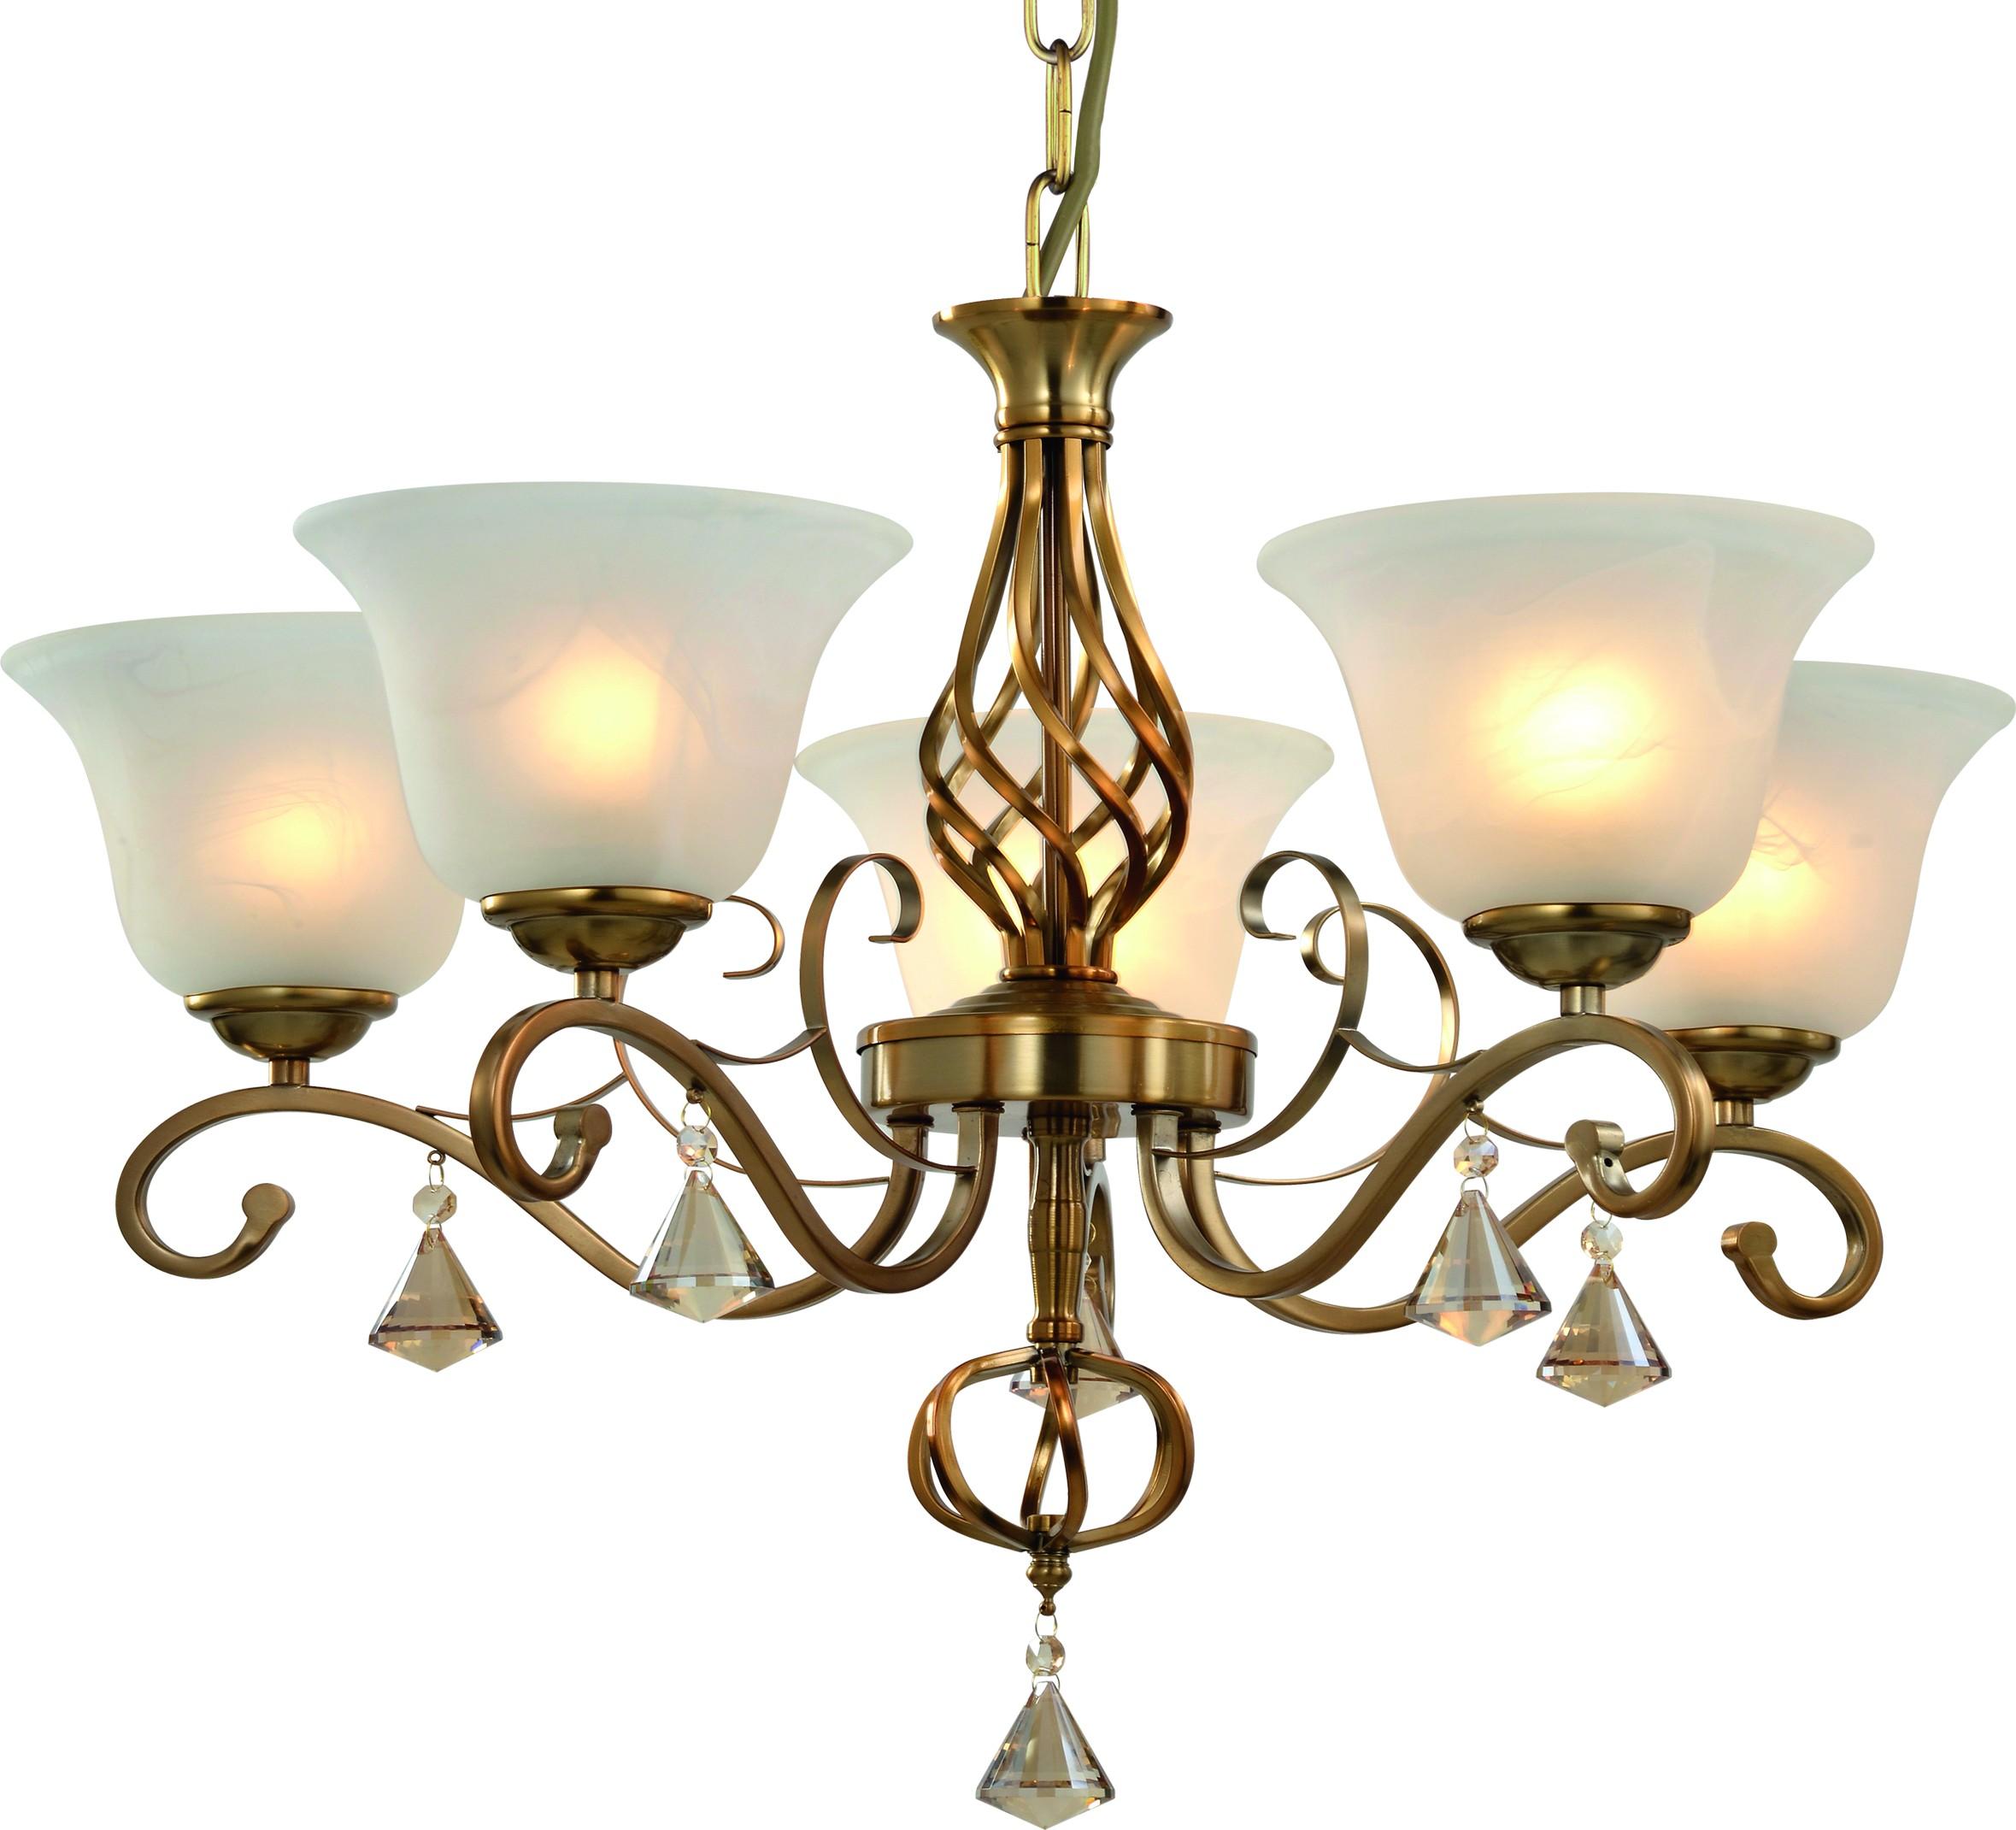 Купить Люстра Arte lamp A8391lm-5pb